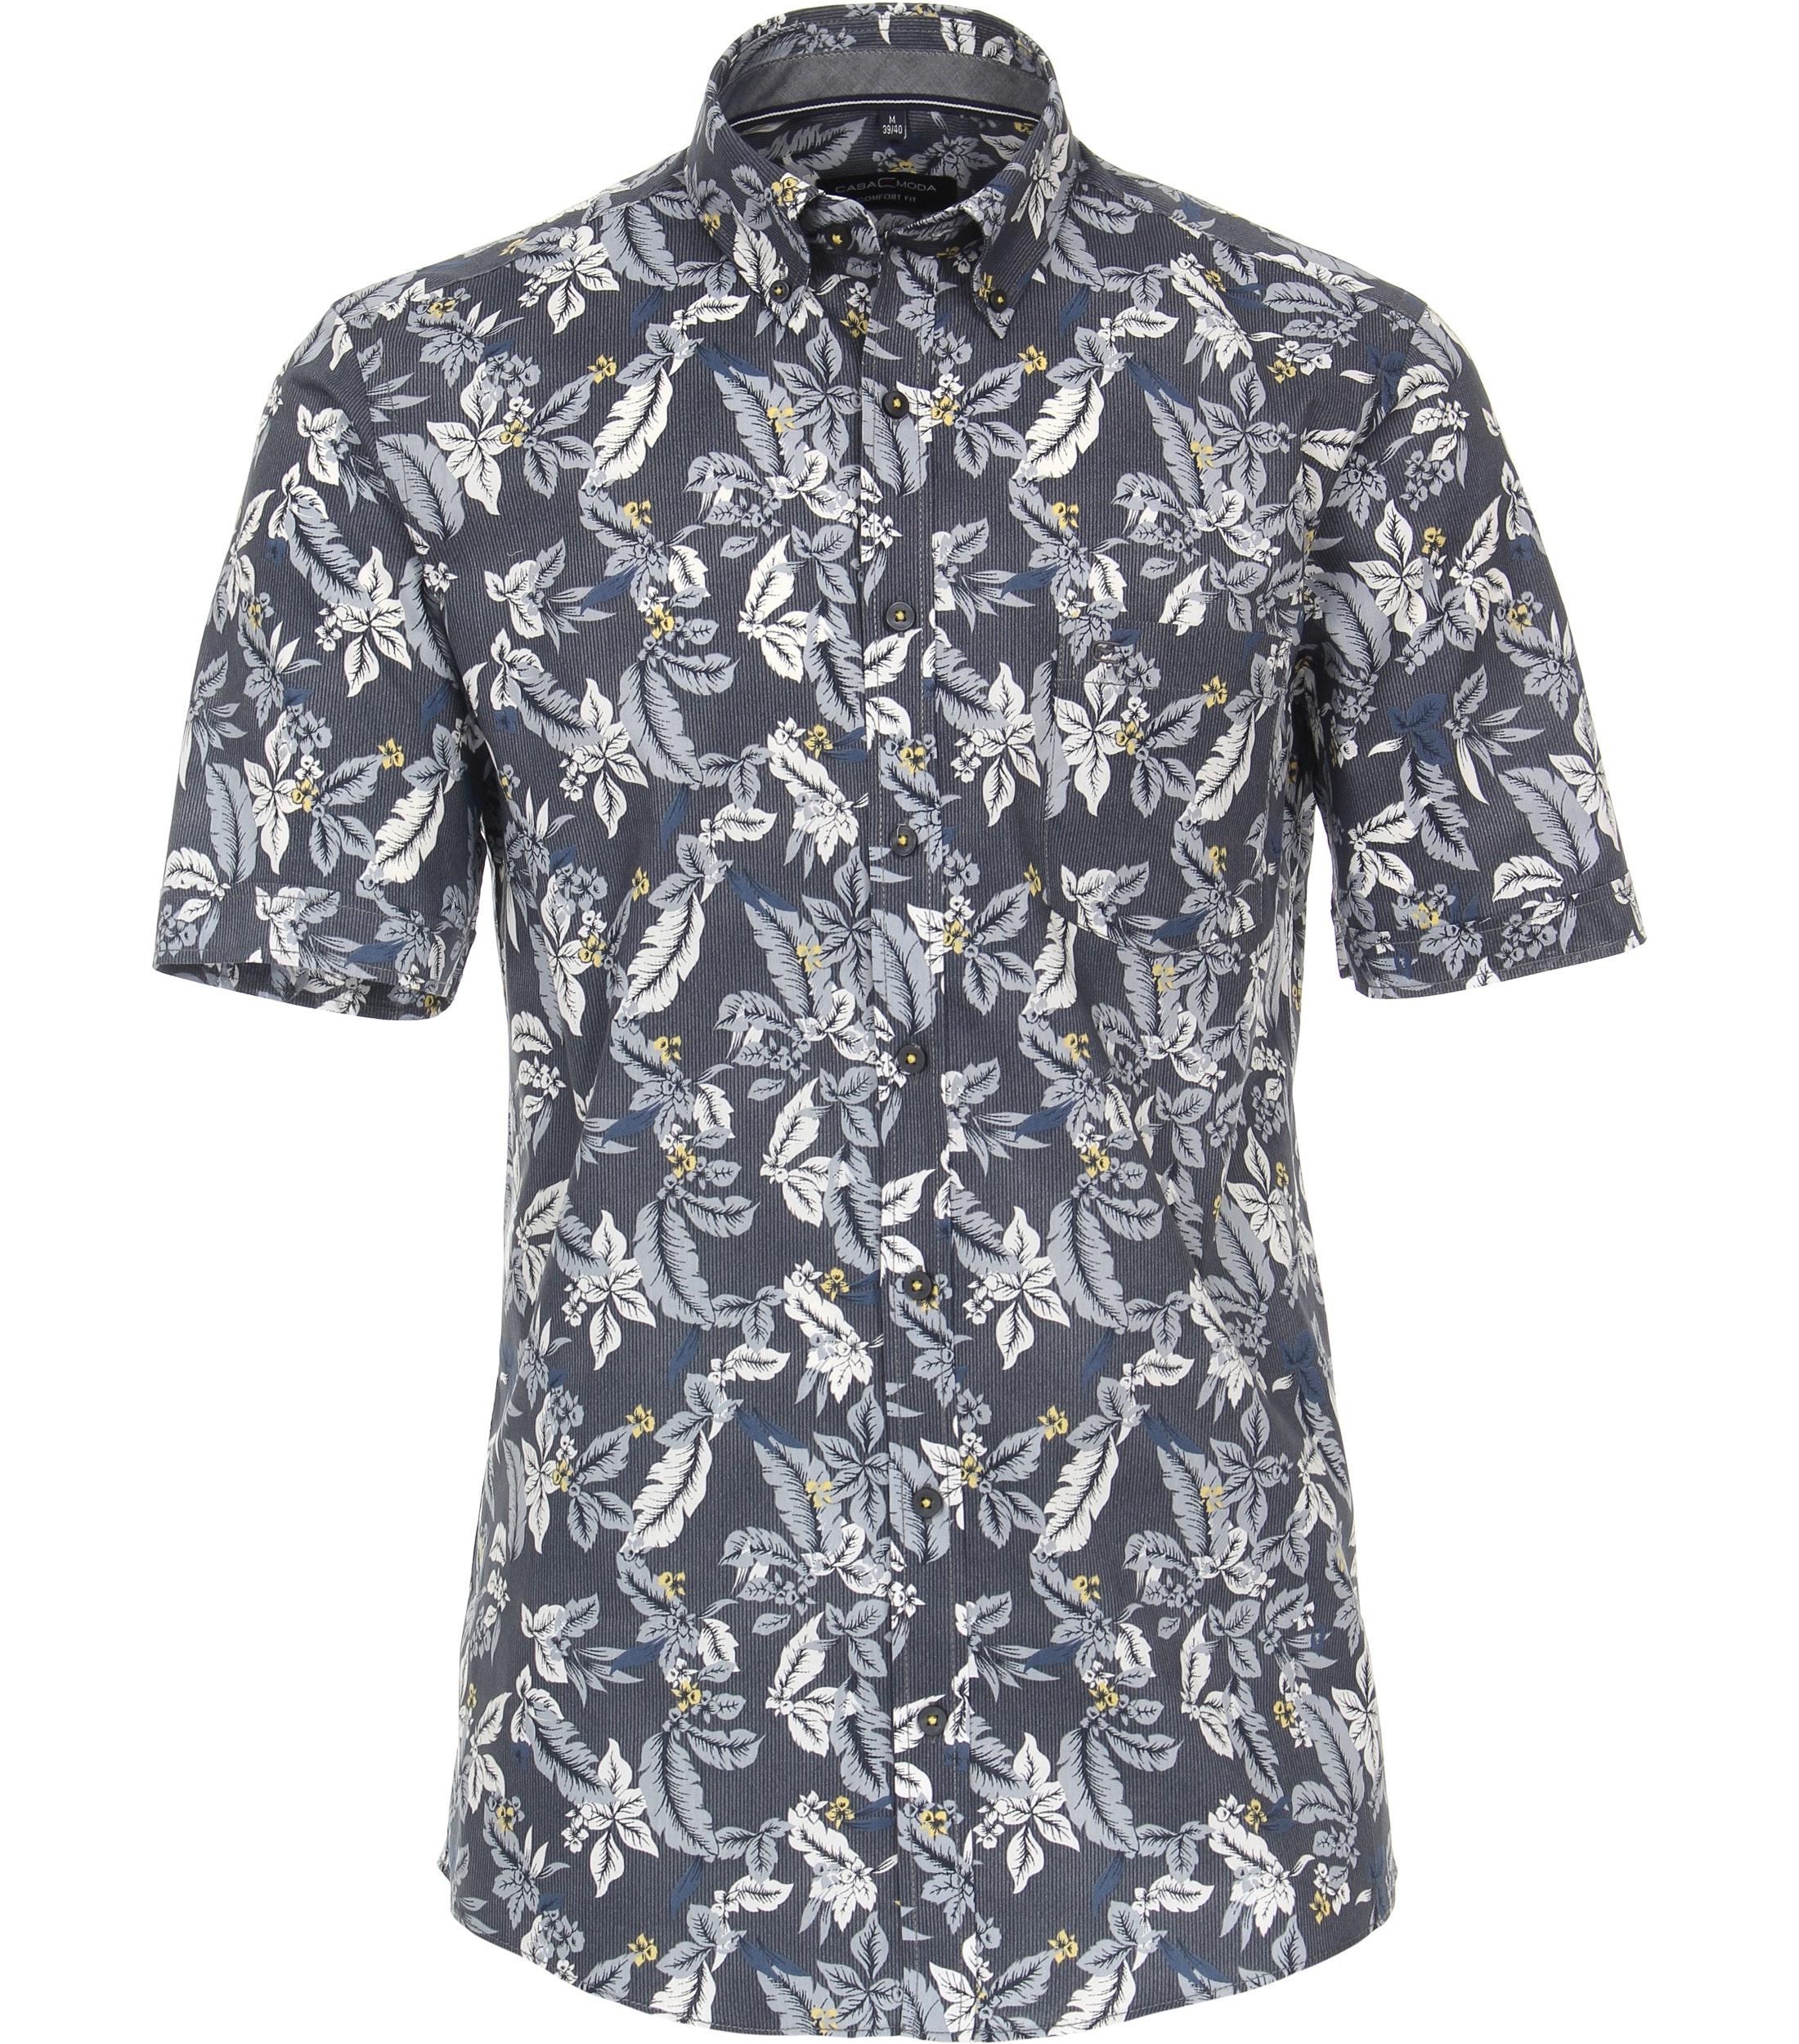 Overhemd met korte mouw van merk CASA MODA in de kleur blauw, gemaakt van 100% katoen. Dankzij de comfortabele snit en de zuivere katoenen stof maakt dit modieuze vrijetijdsshirt indruk met zijn aangename draageigenschappen. De bloemenprint is een echte blikvanger die elke outfit in de schijnwerpers zet. elke outfit wordt een echte eye catcher